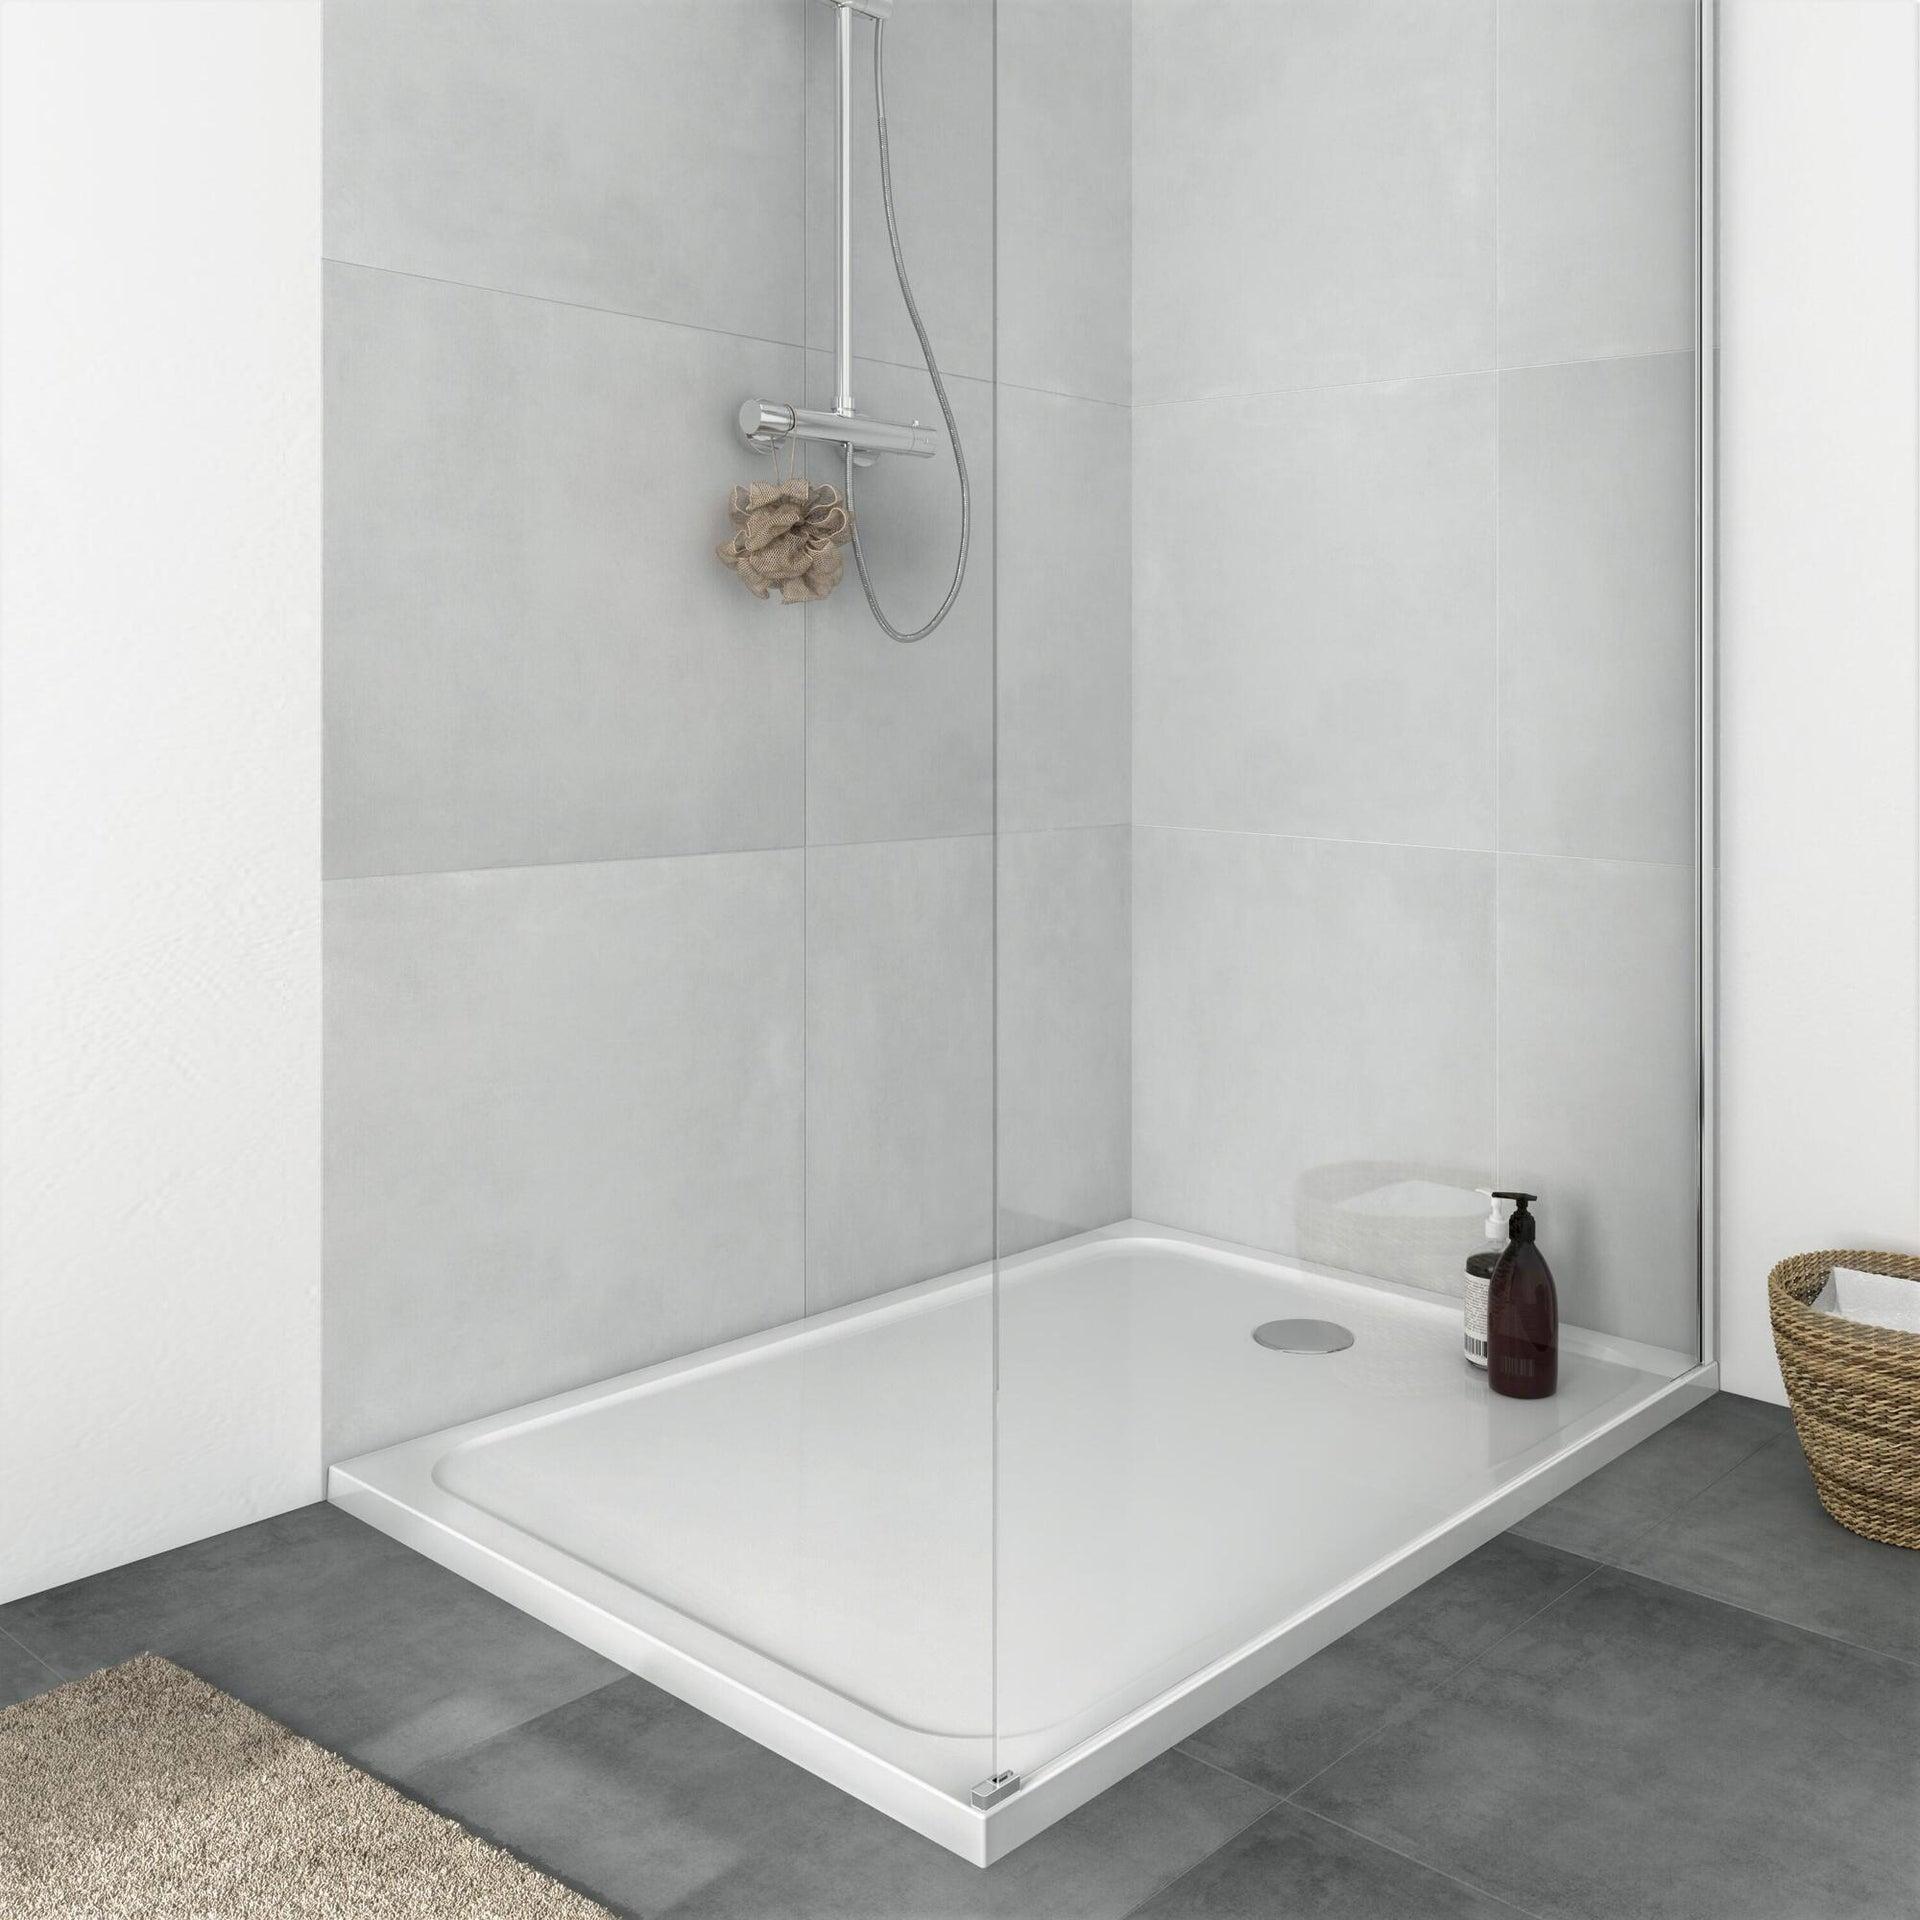 Piatto doccia resina sintetica e polvere di marmo Easy 80 x 120 cm bianco - 3